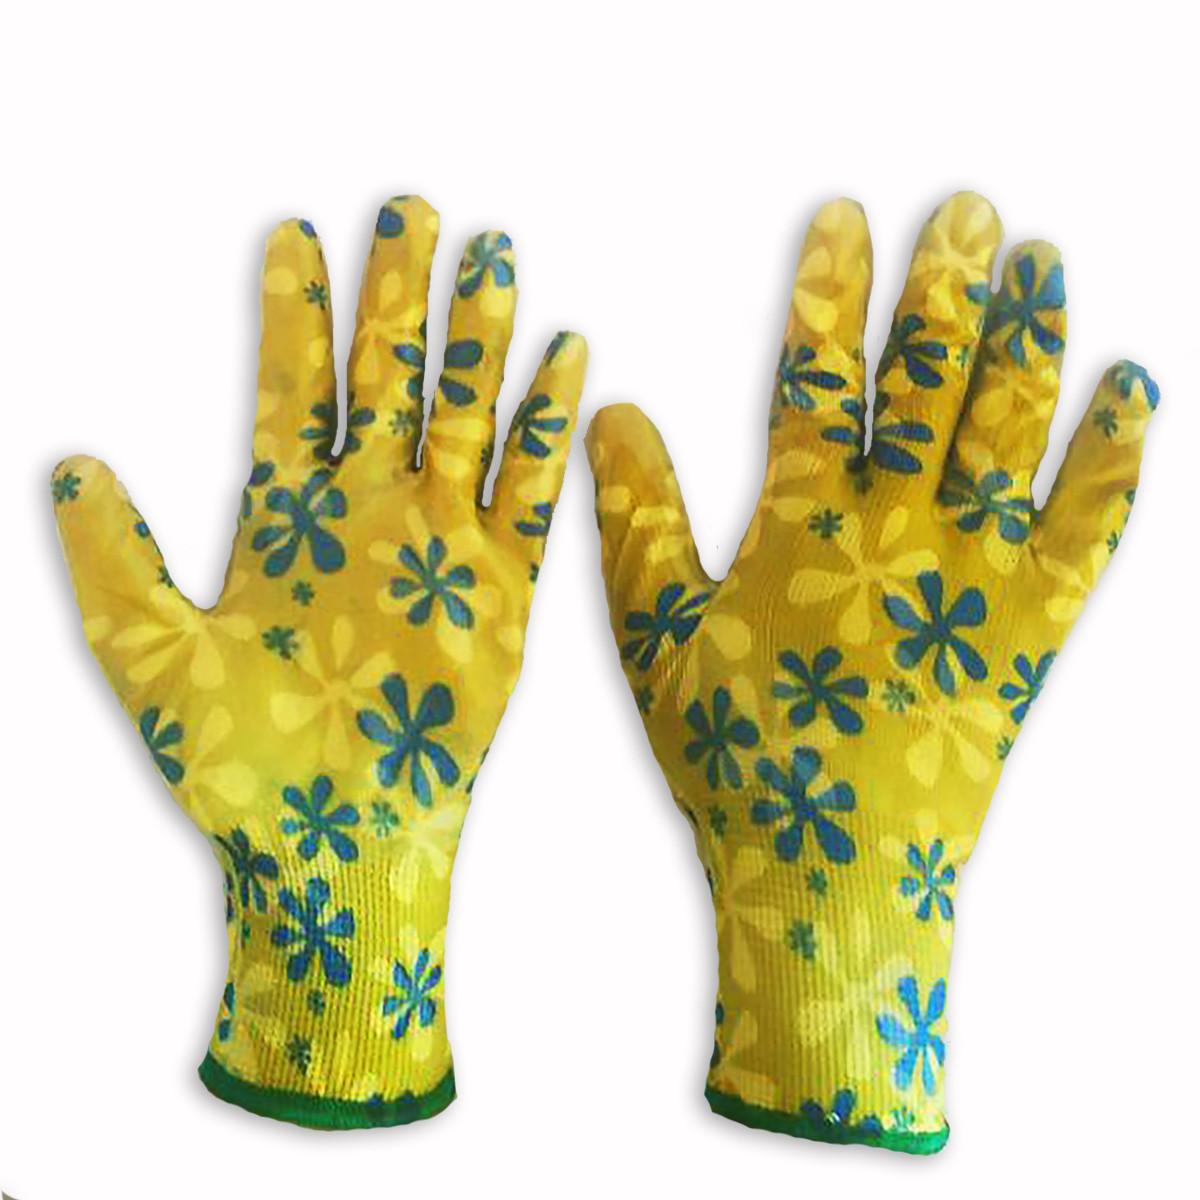 Рукавички робочі садові, жіночі нейлонові з силіконовим покриттям